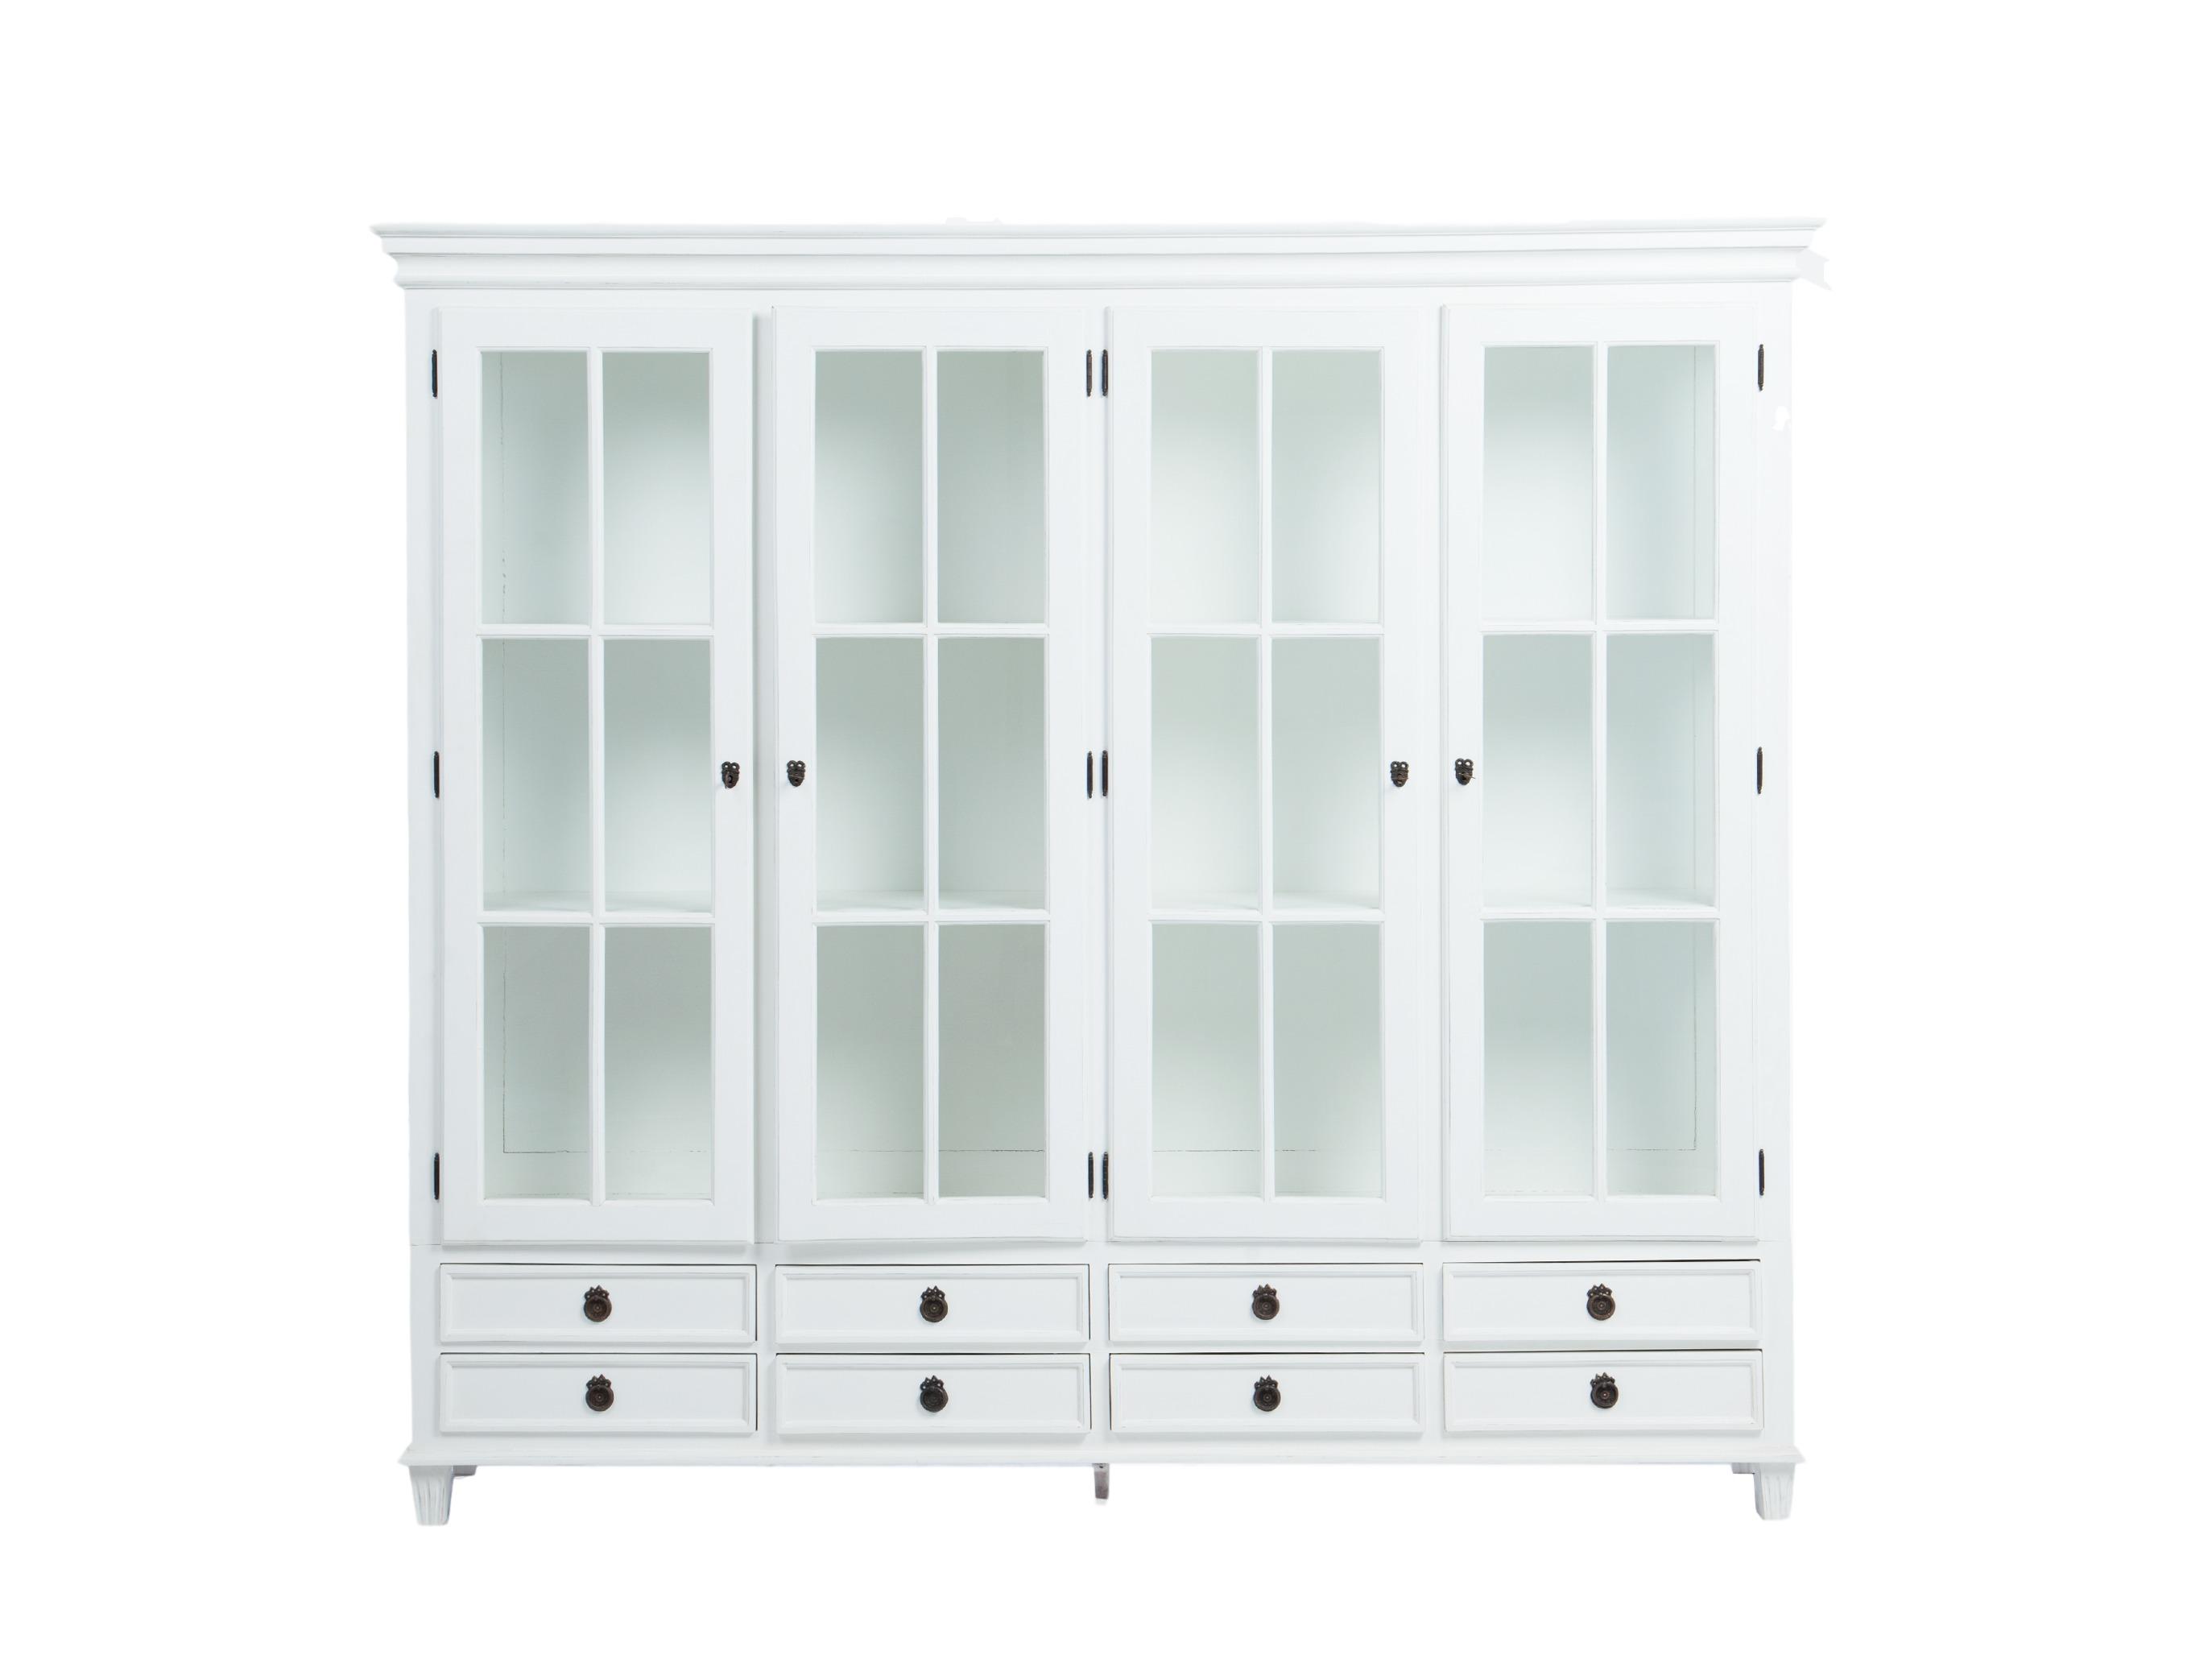 БиблиотекаКнижные шкафы и библиотеки<br>Библиотека (витрина) в густавианском стиле с выдвижными ящиками. Дверцы со стеклом, стекло по бокам.<br><br>Material: Красное дерево<br>Width см: 229<br>Depth см: 45<br>Height см: 205